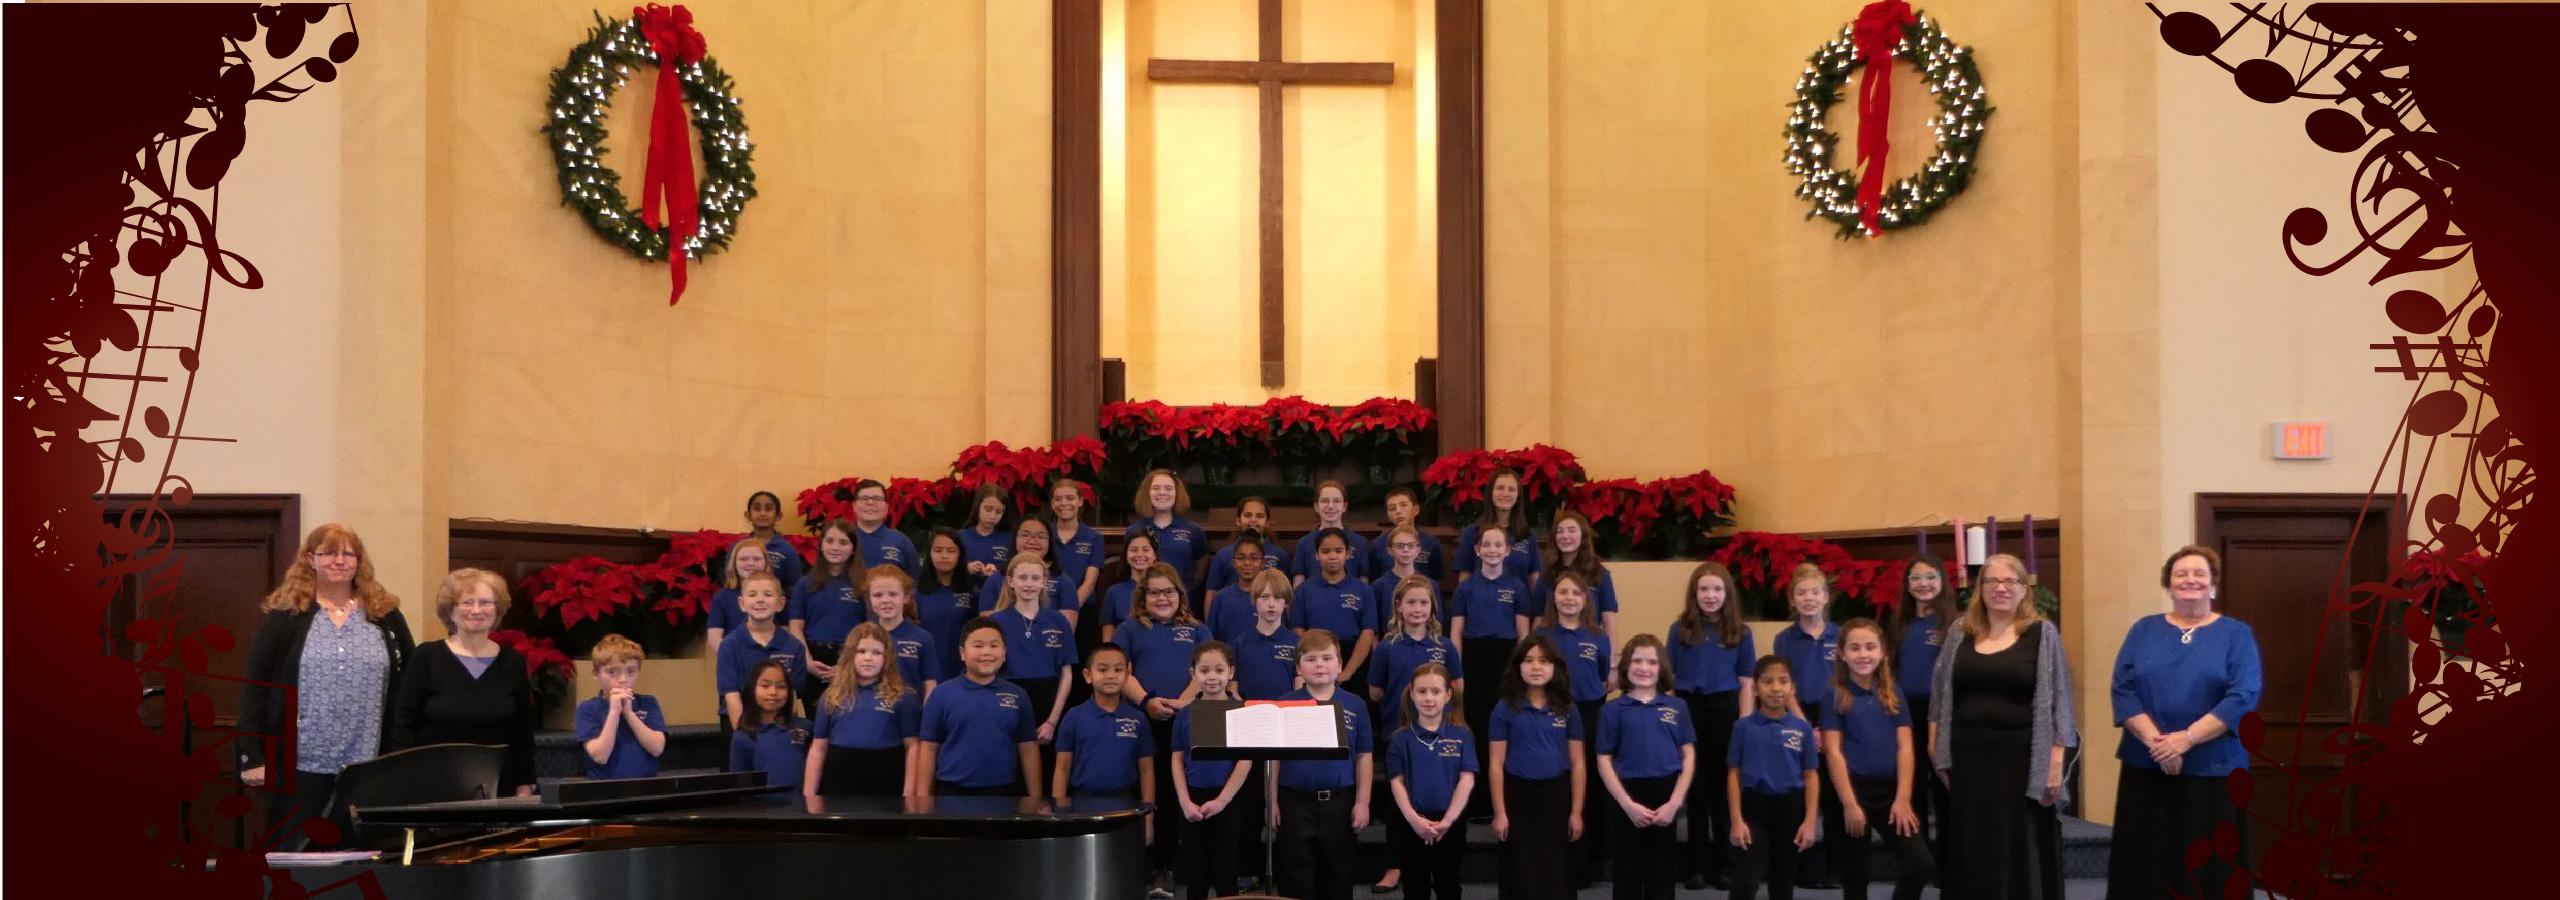 Greater Manassas Children's Choir - Winter 2019 Concert